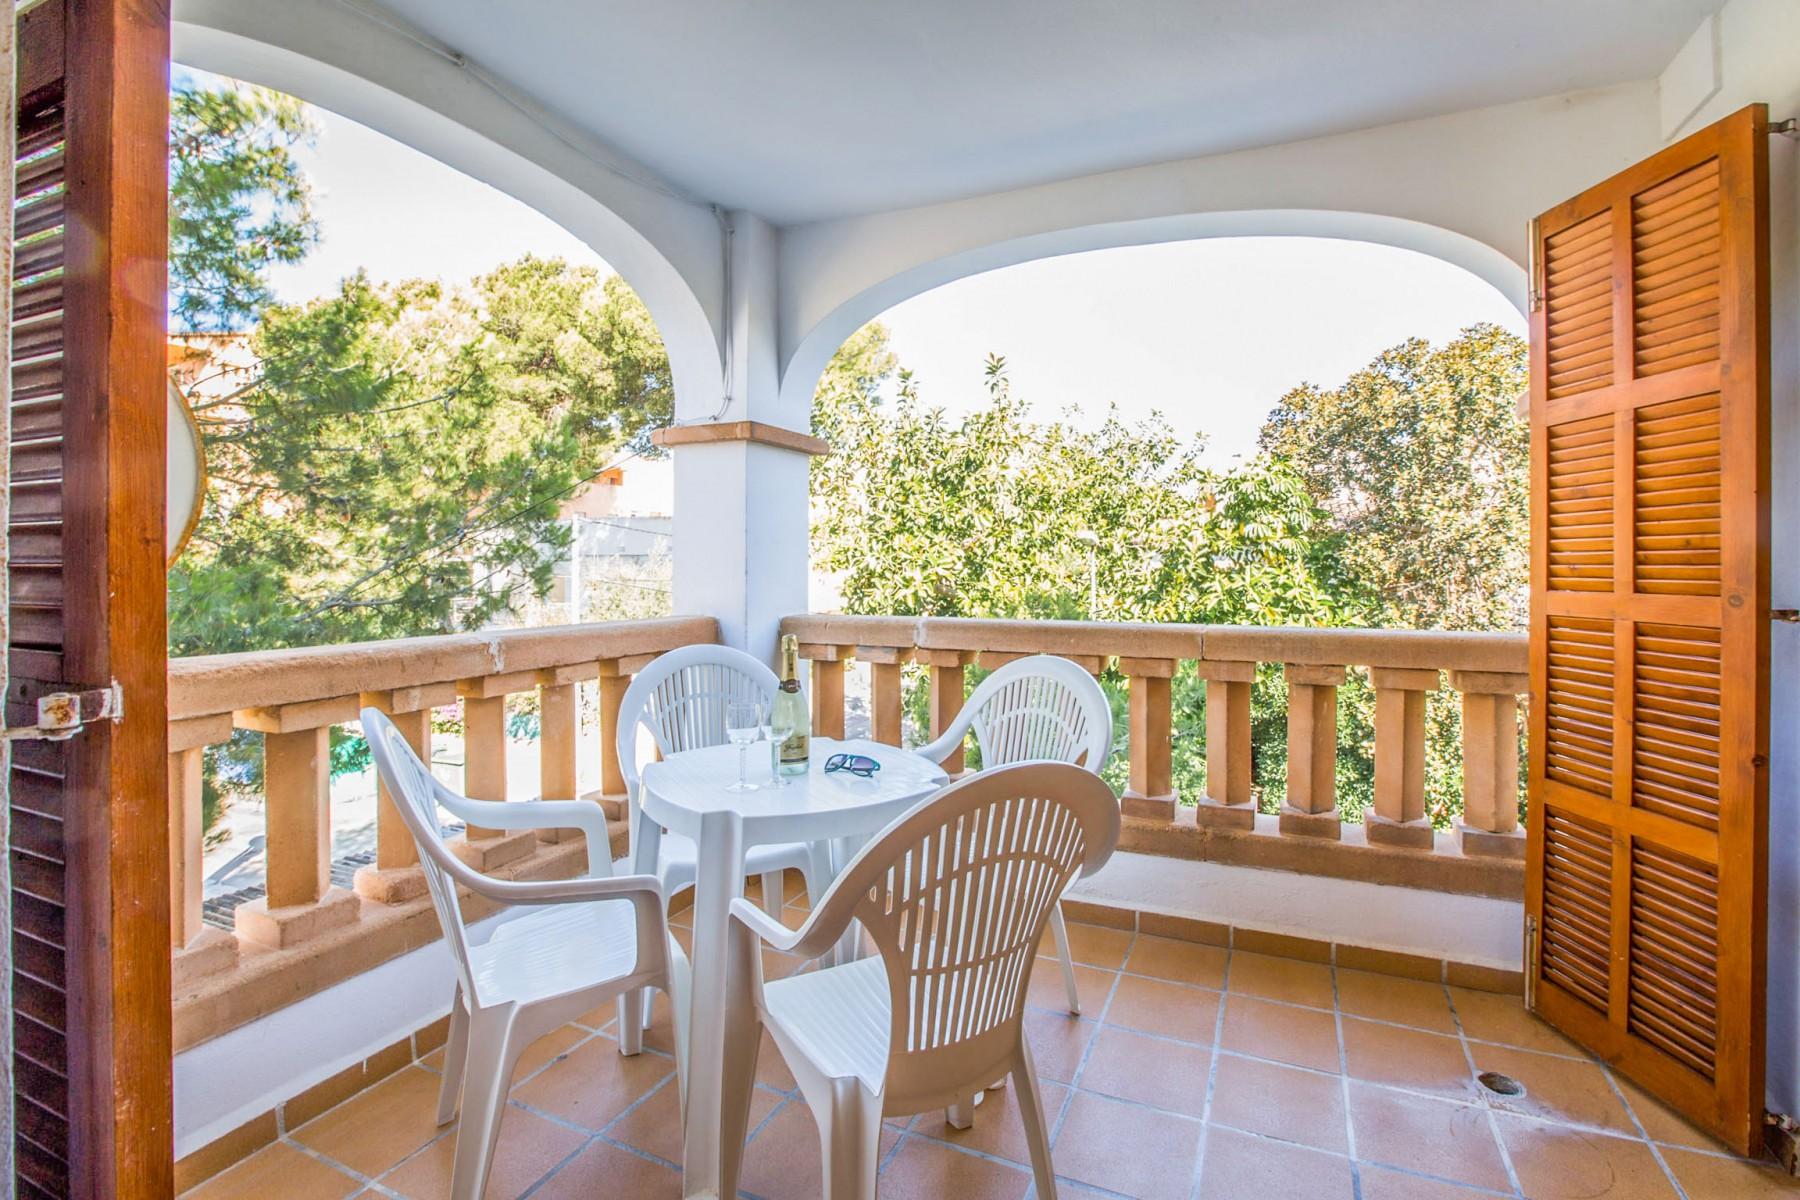 CERVINA - 1075 for 5 guests in Cala Millor, Spanien